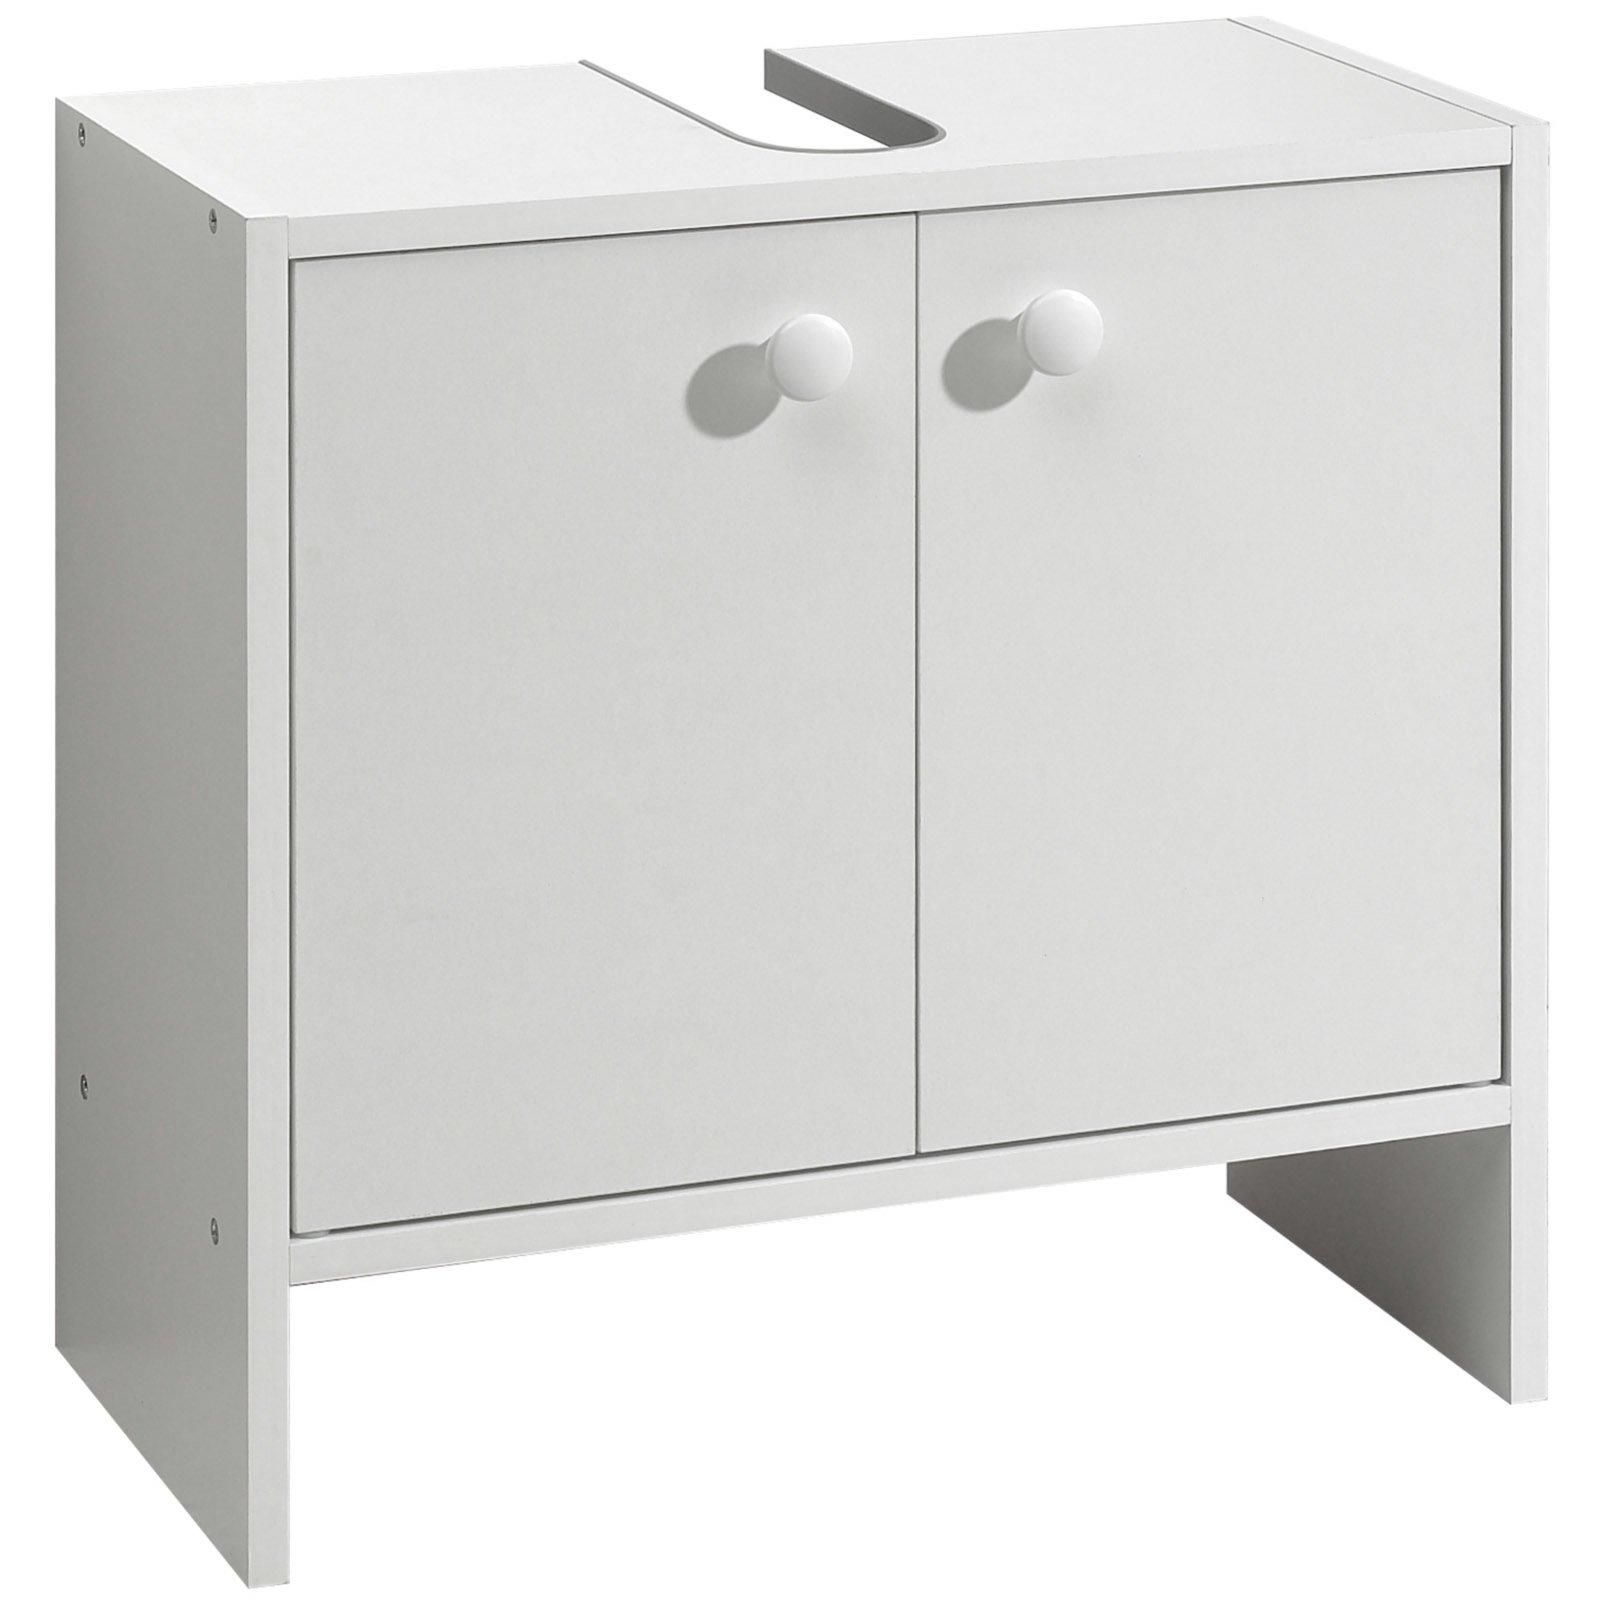 Blickfang Waschbeckenunterschrank Foto Von - Weiß - Mit Schnitt